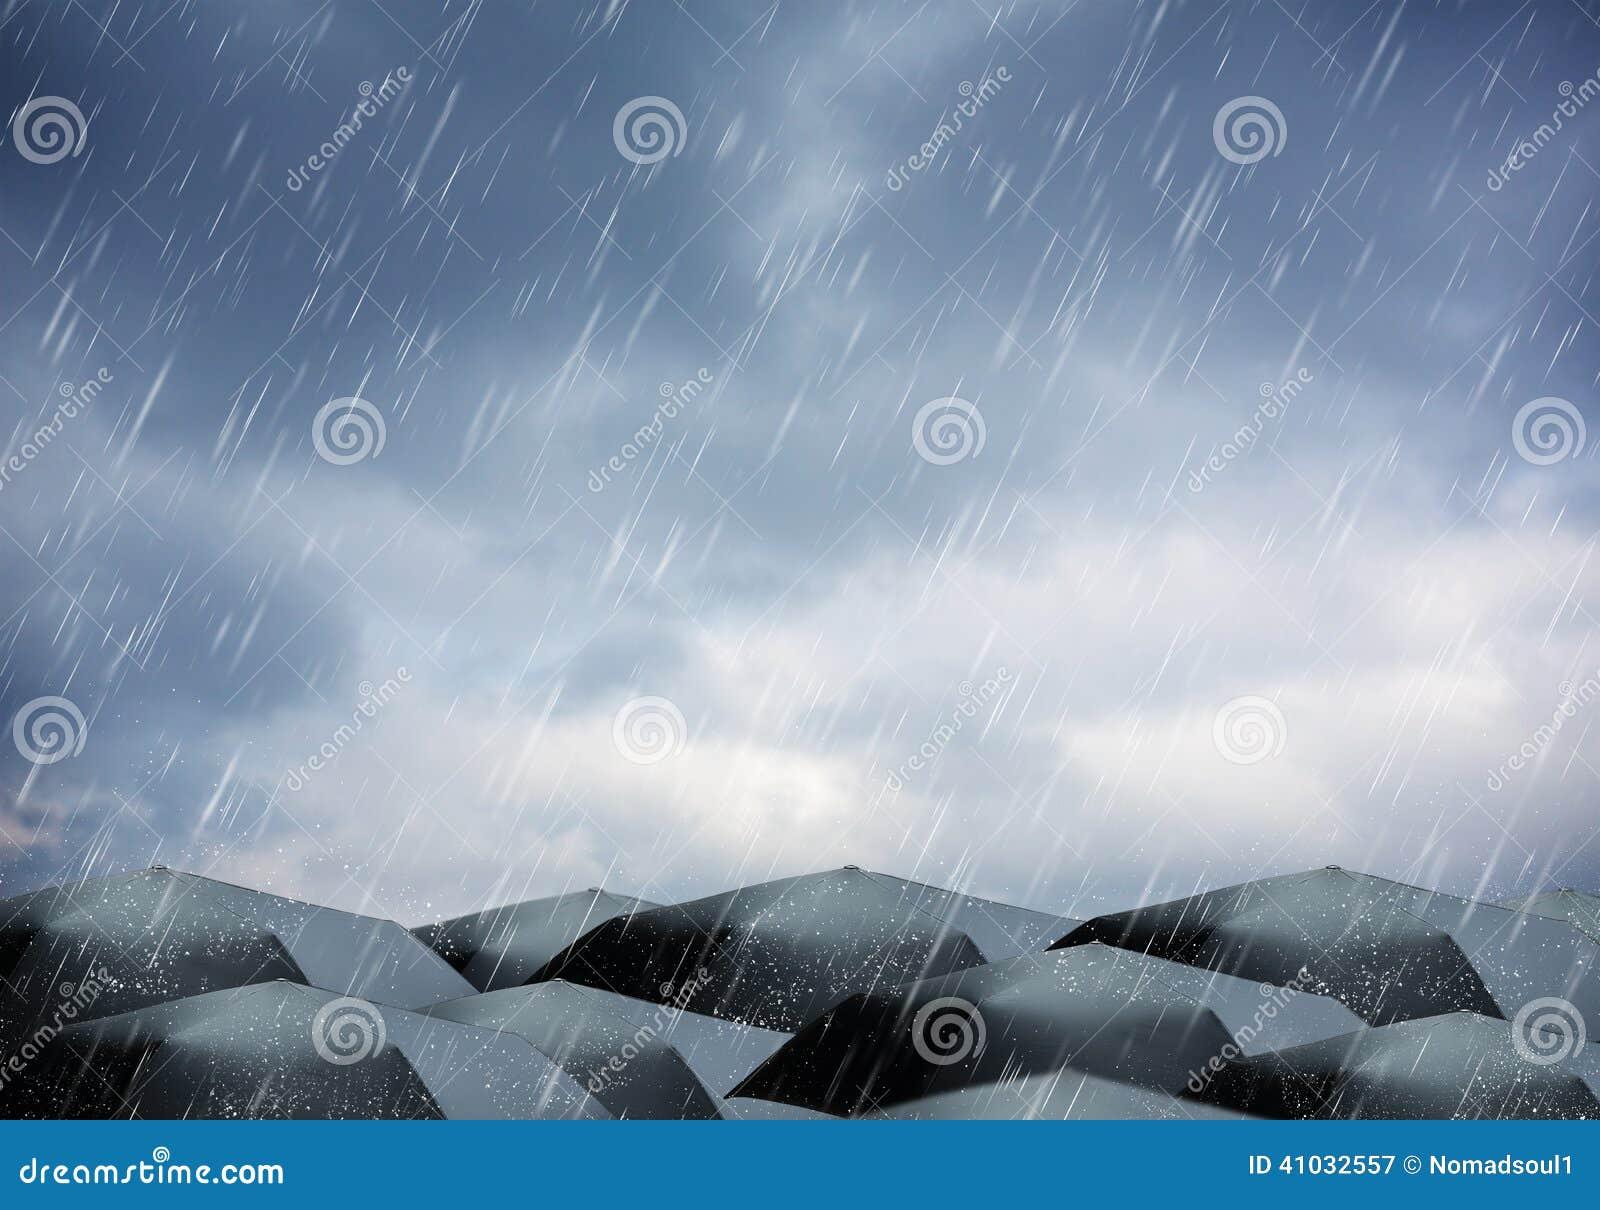 Parasole pod deszczem i burzą